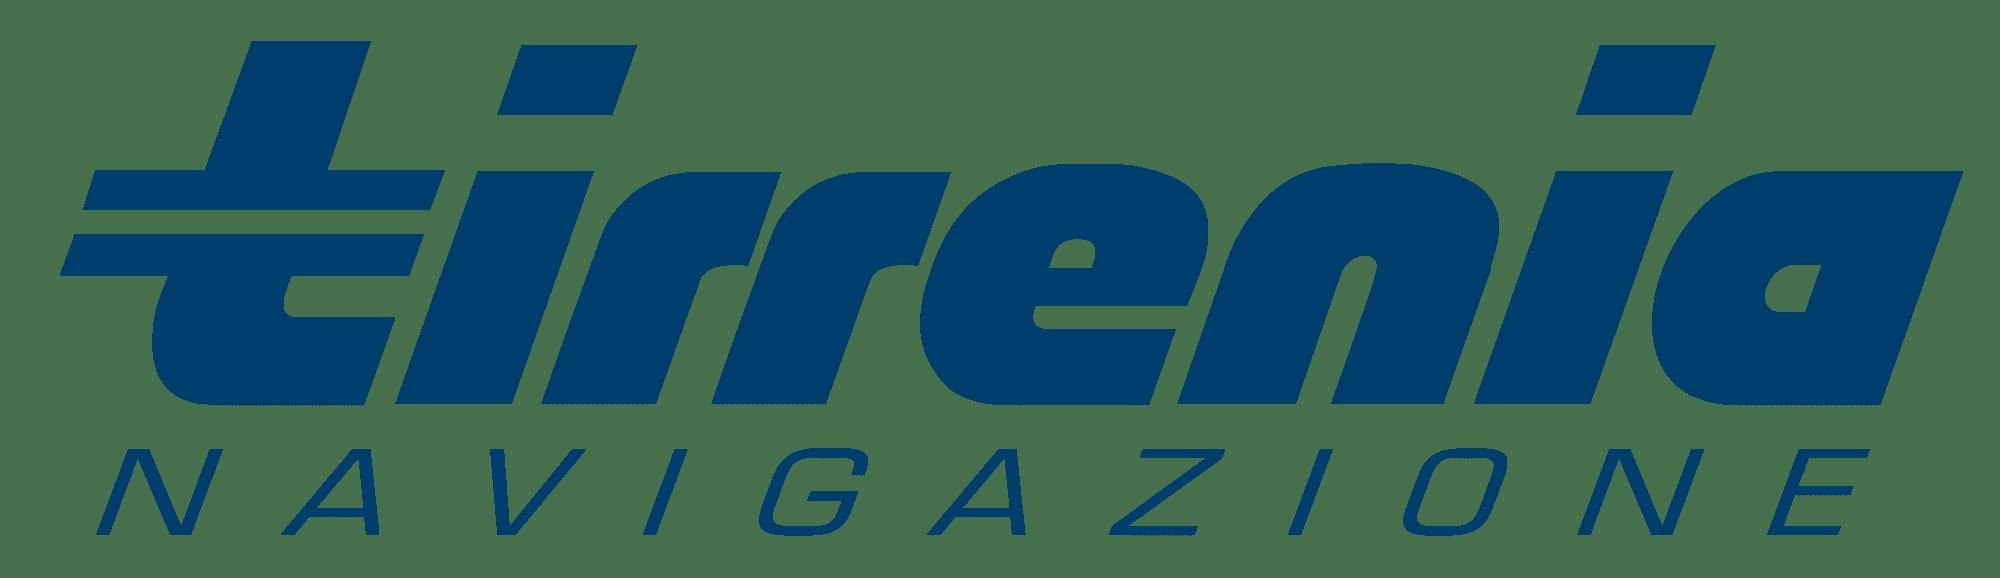 Logo_Tirrenia_di_Navigazione_CIN